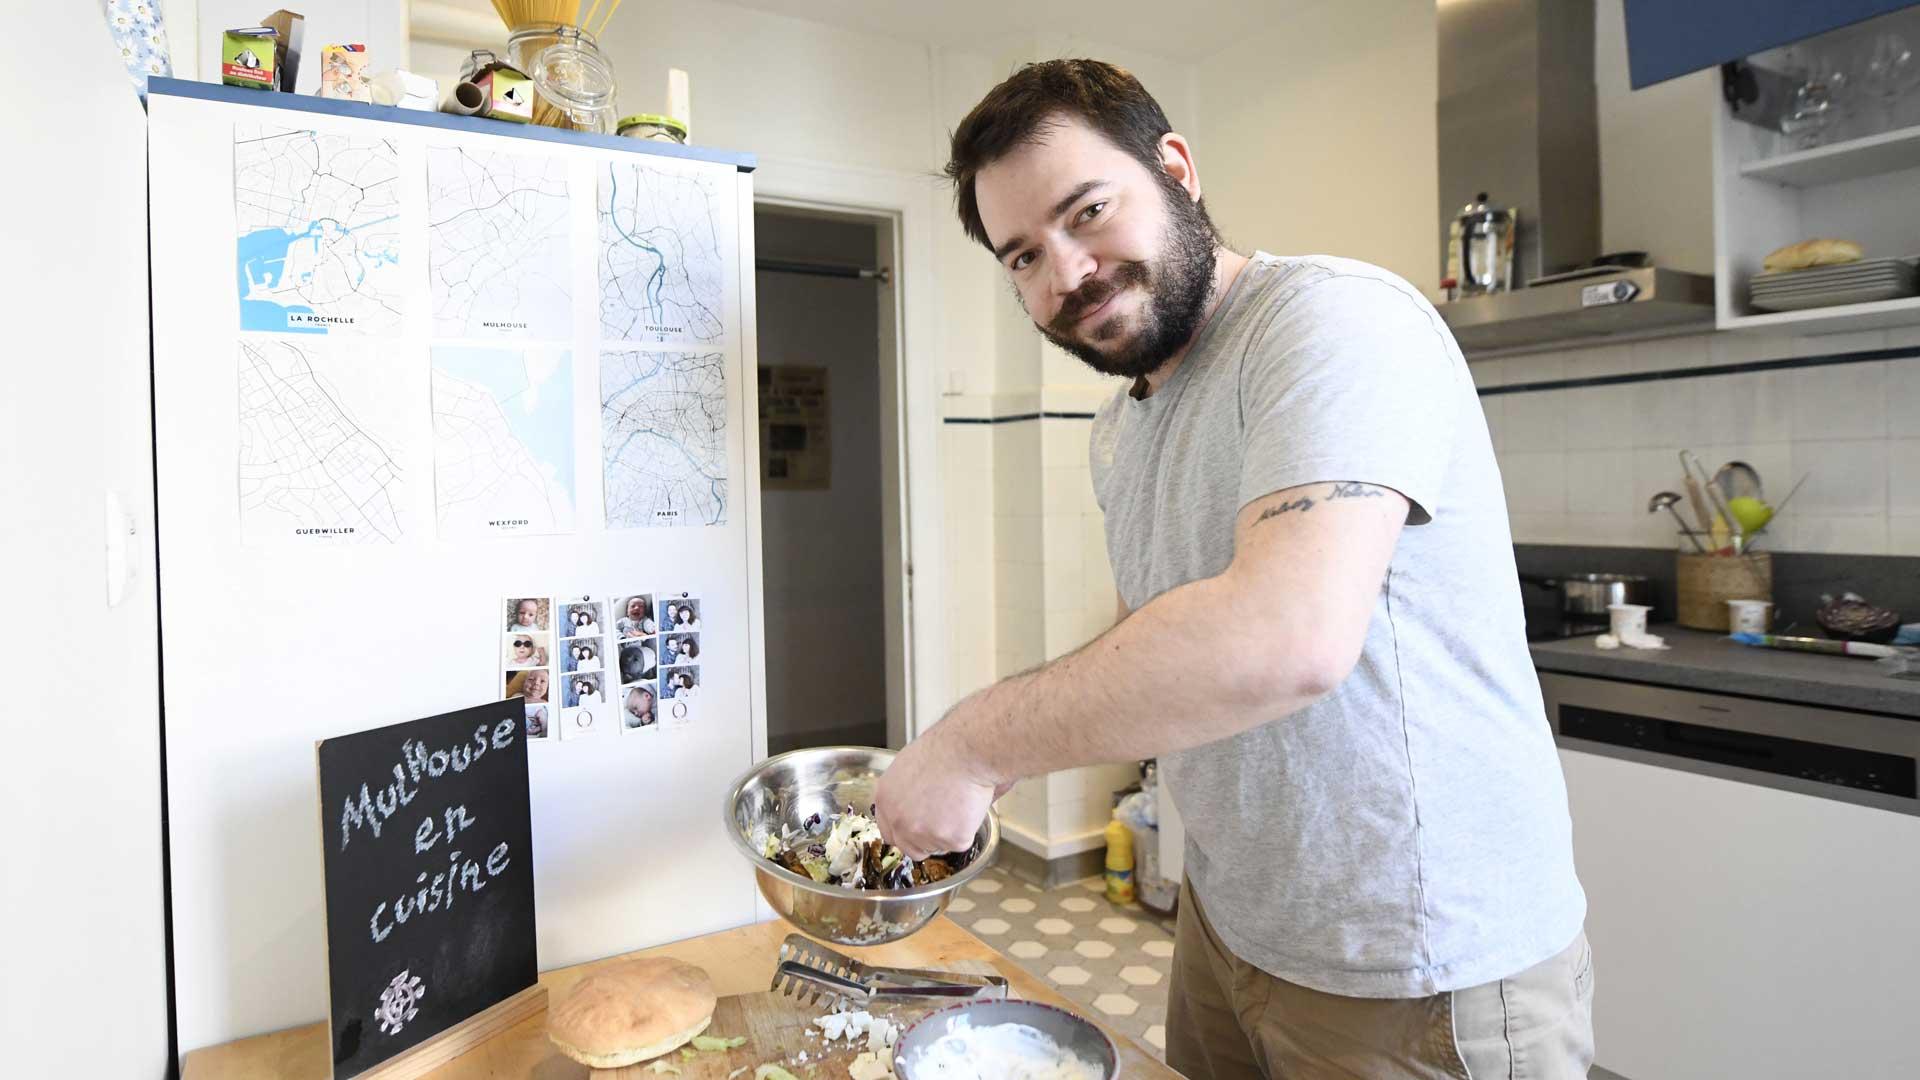 Maxime Boffy fondateur du blog Mulhouse en cuisine, aime partager sa passion pour la cuisine